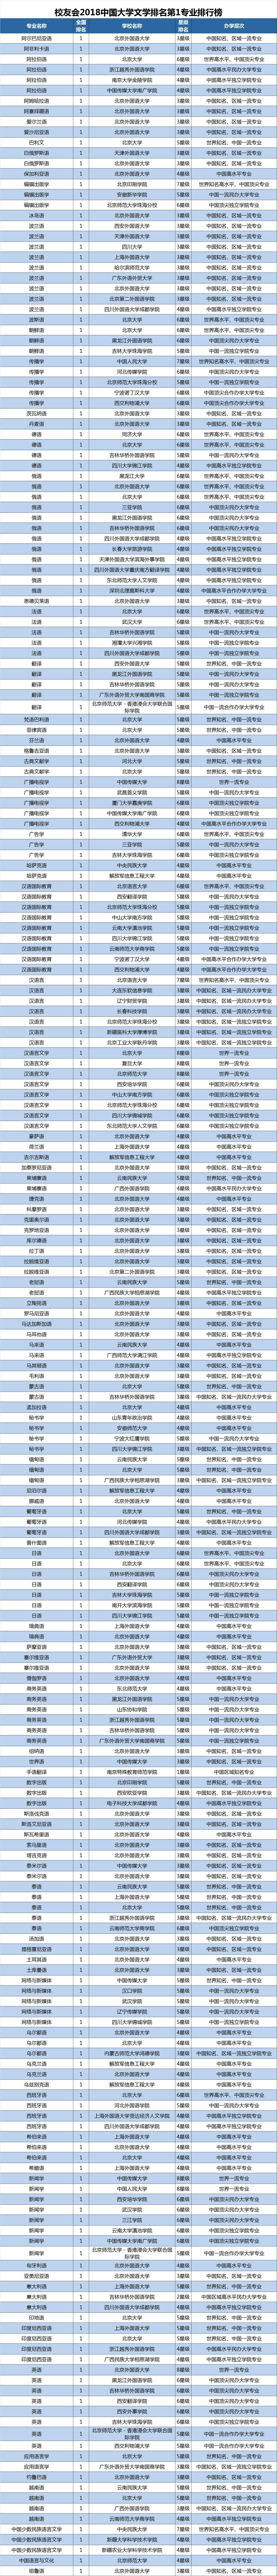 必赢亚洲366.net 11